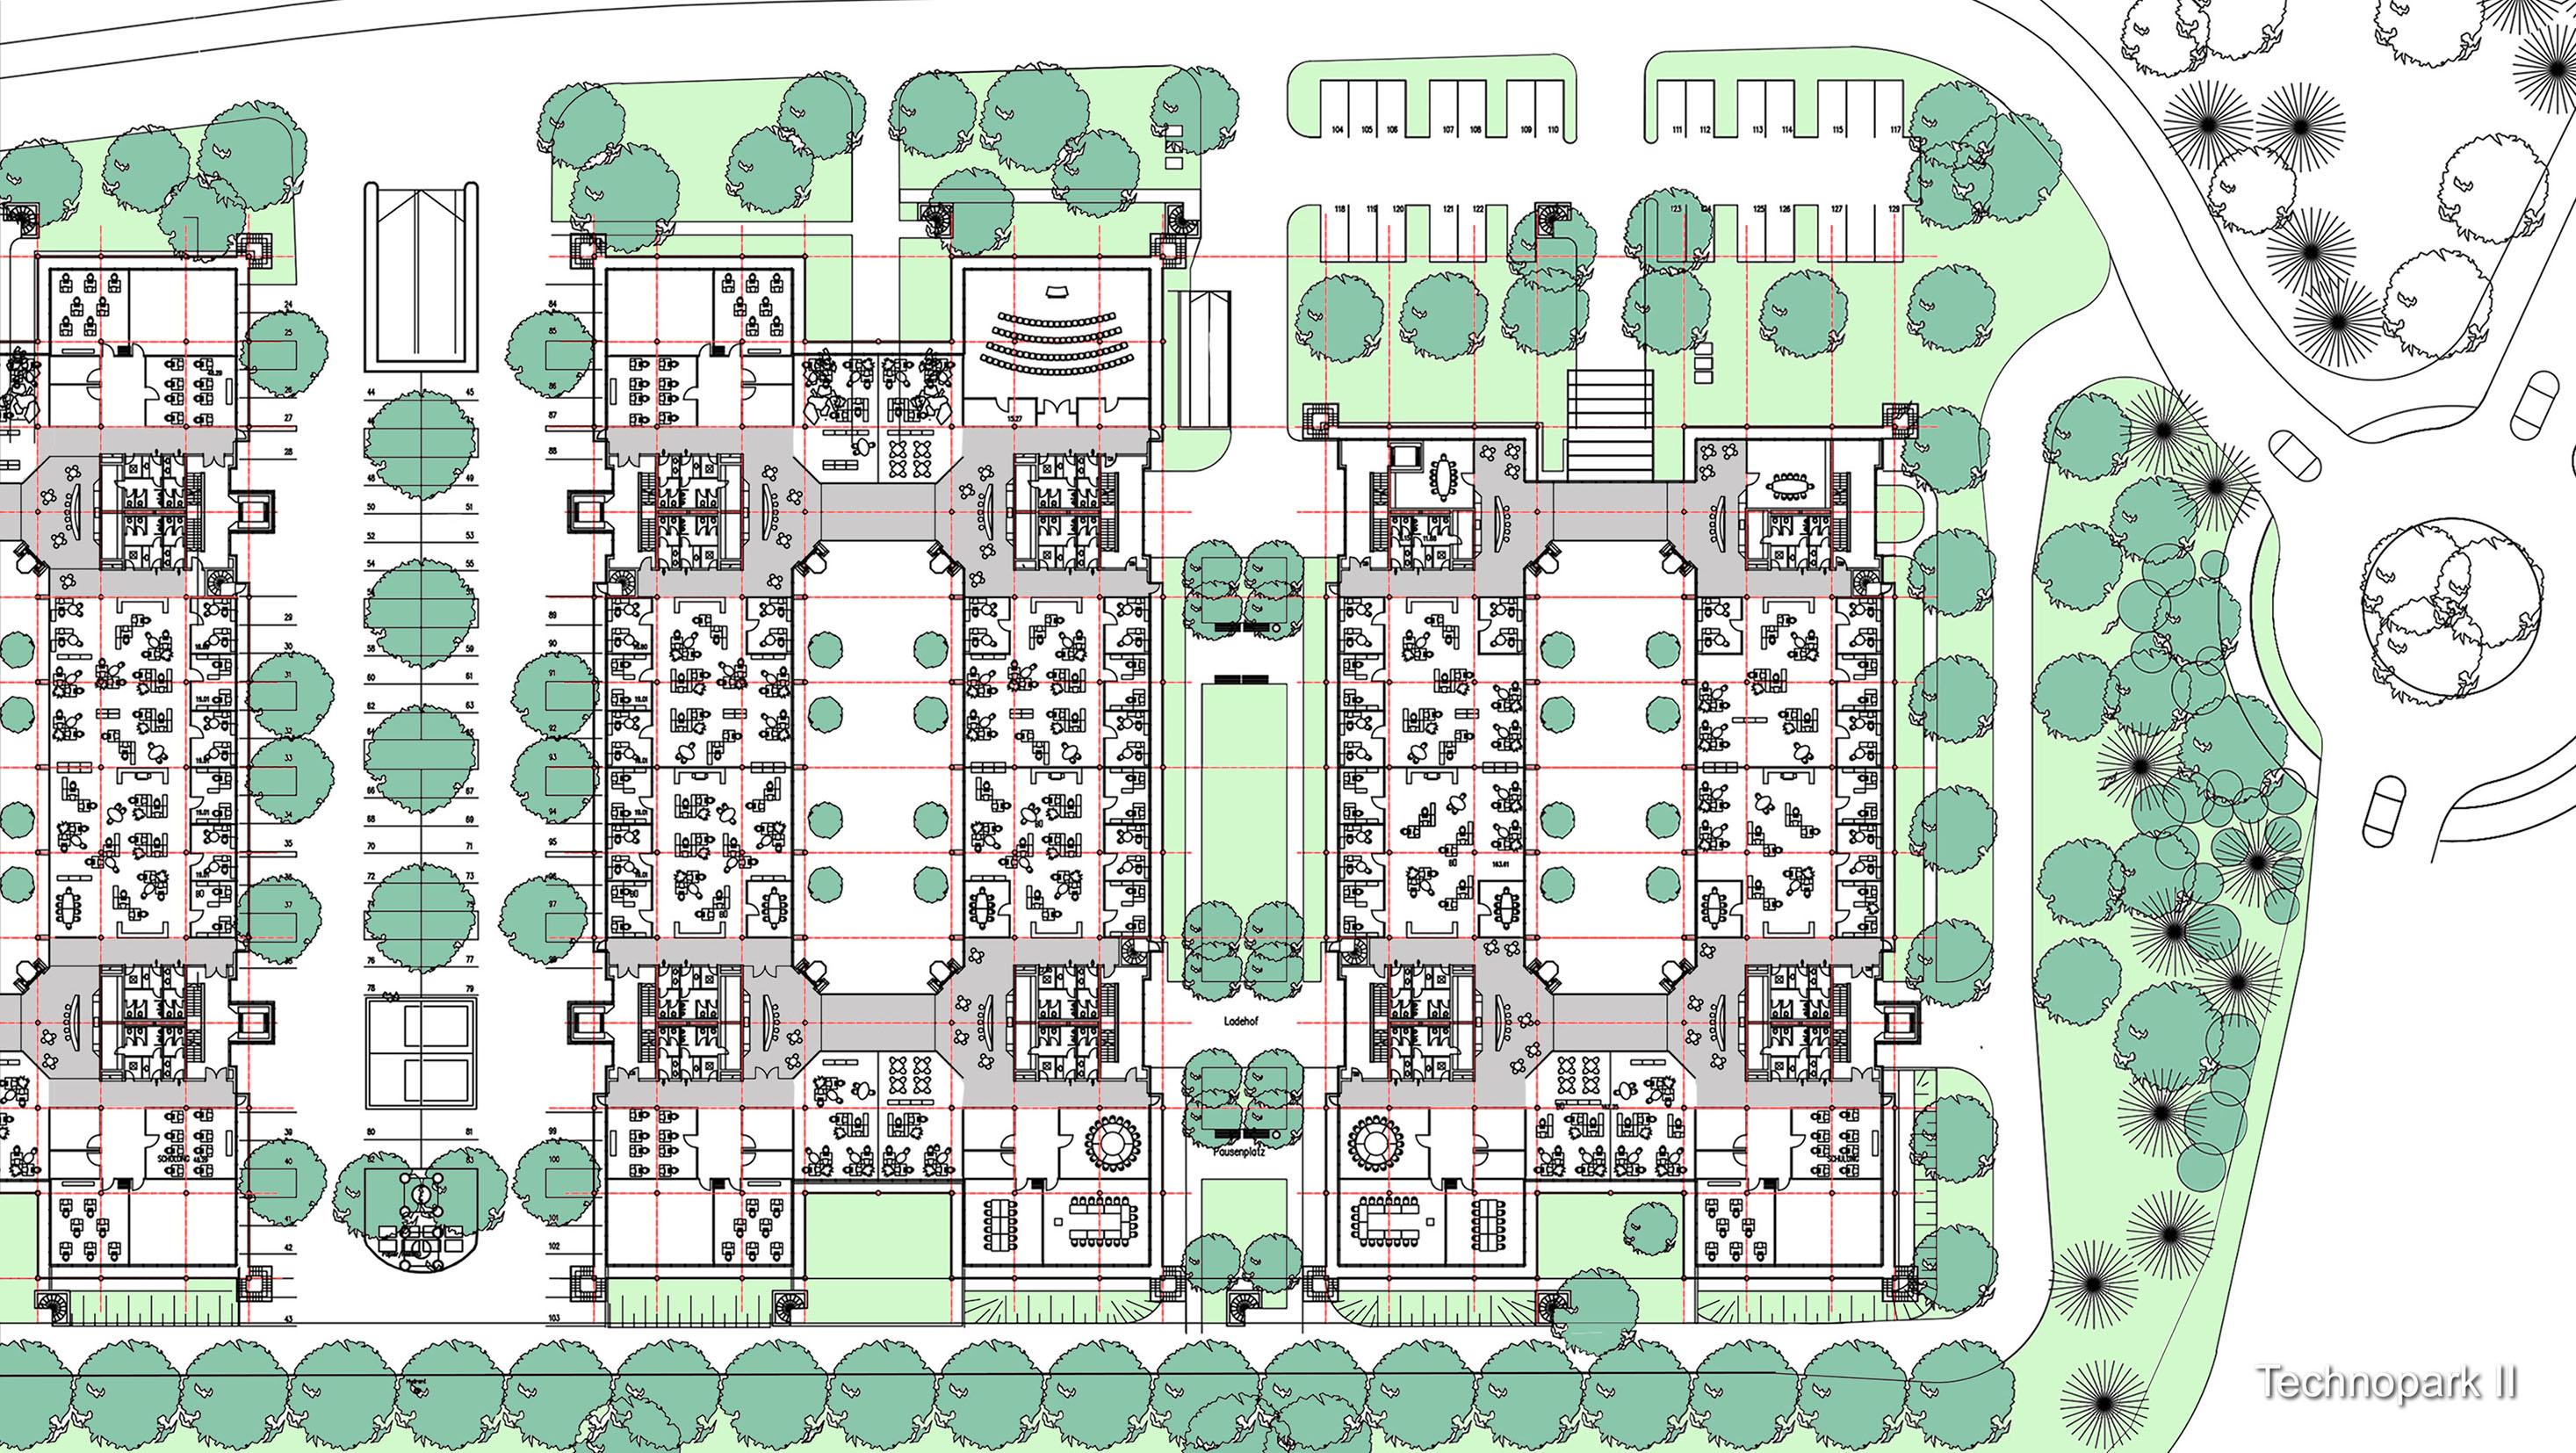 7_Technopark II Grundriss